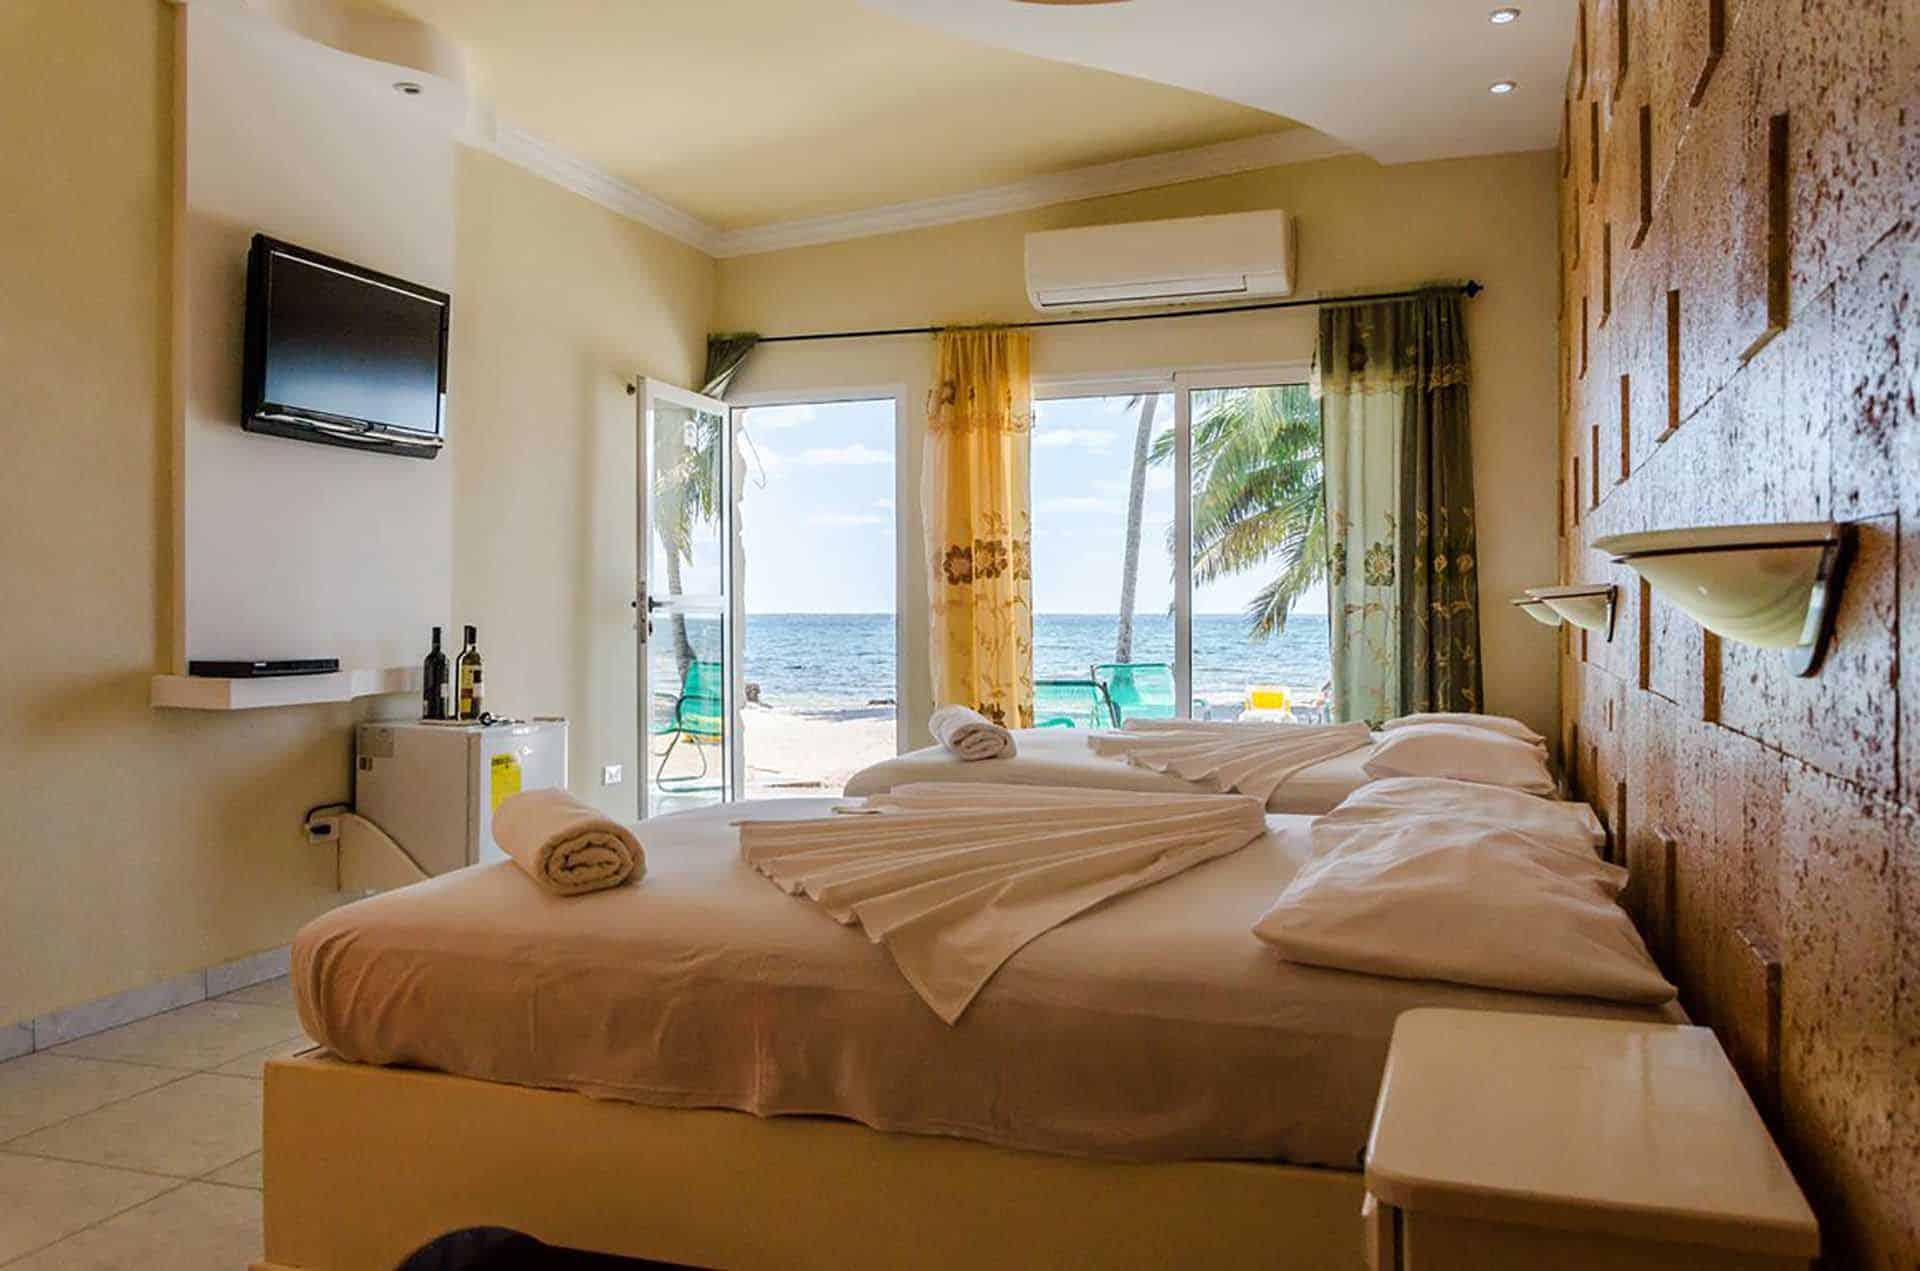 casa la playa cuba autrement